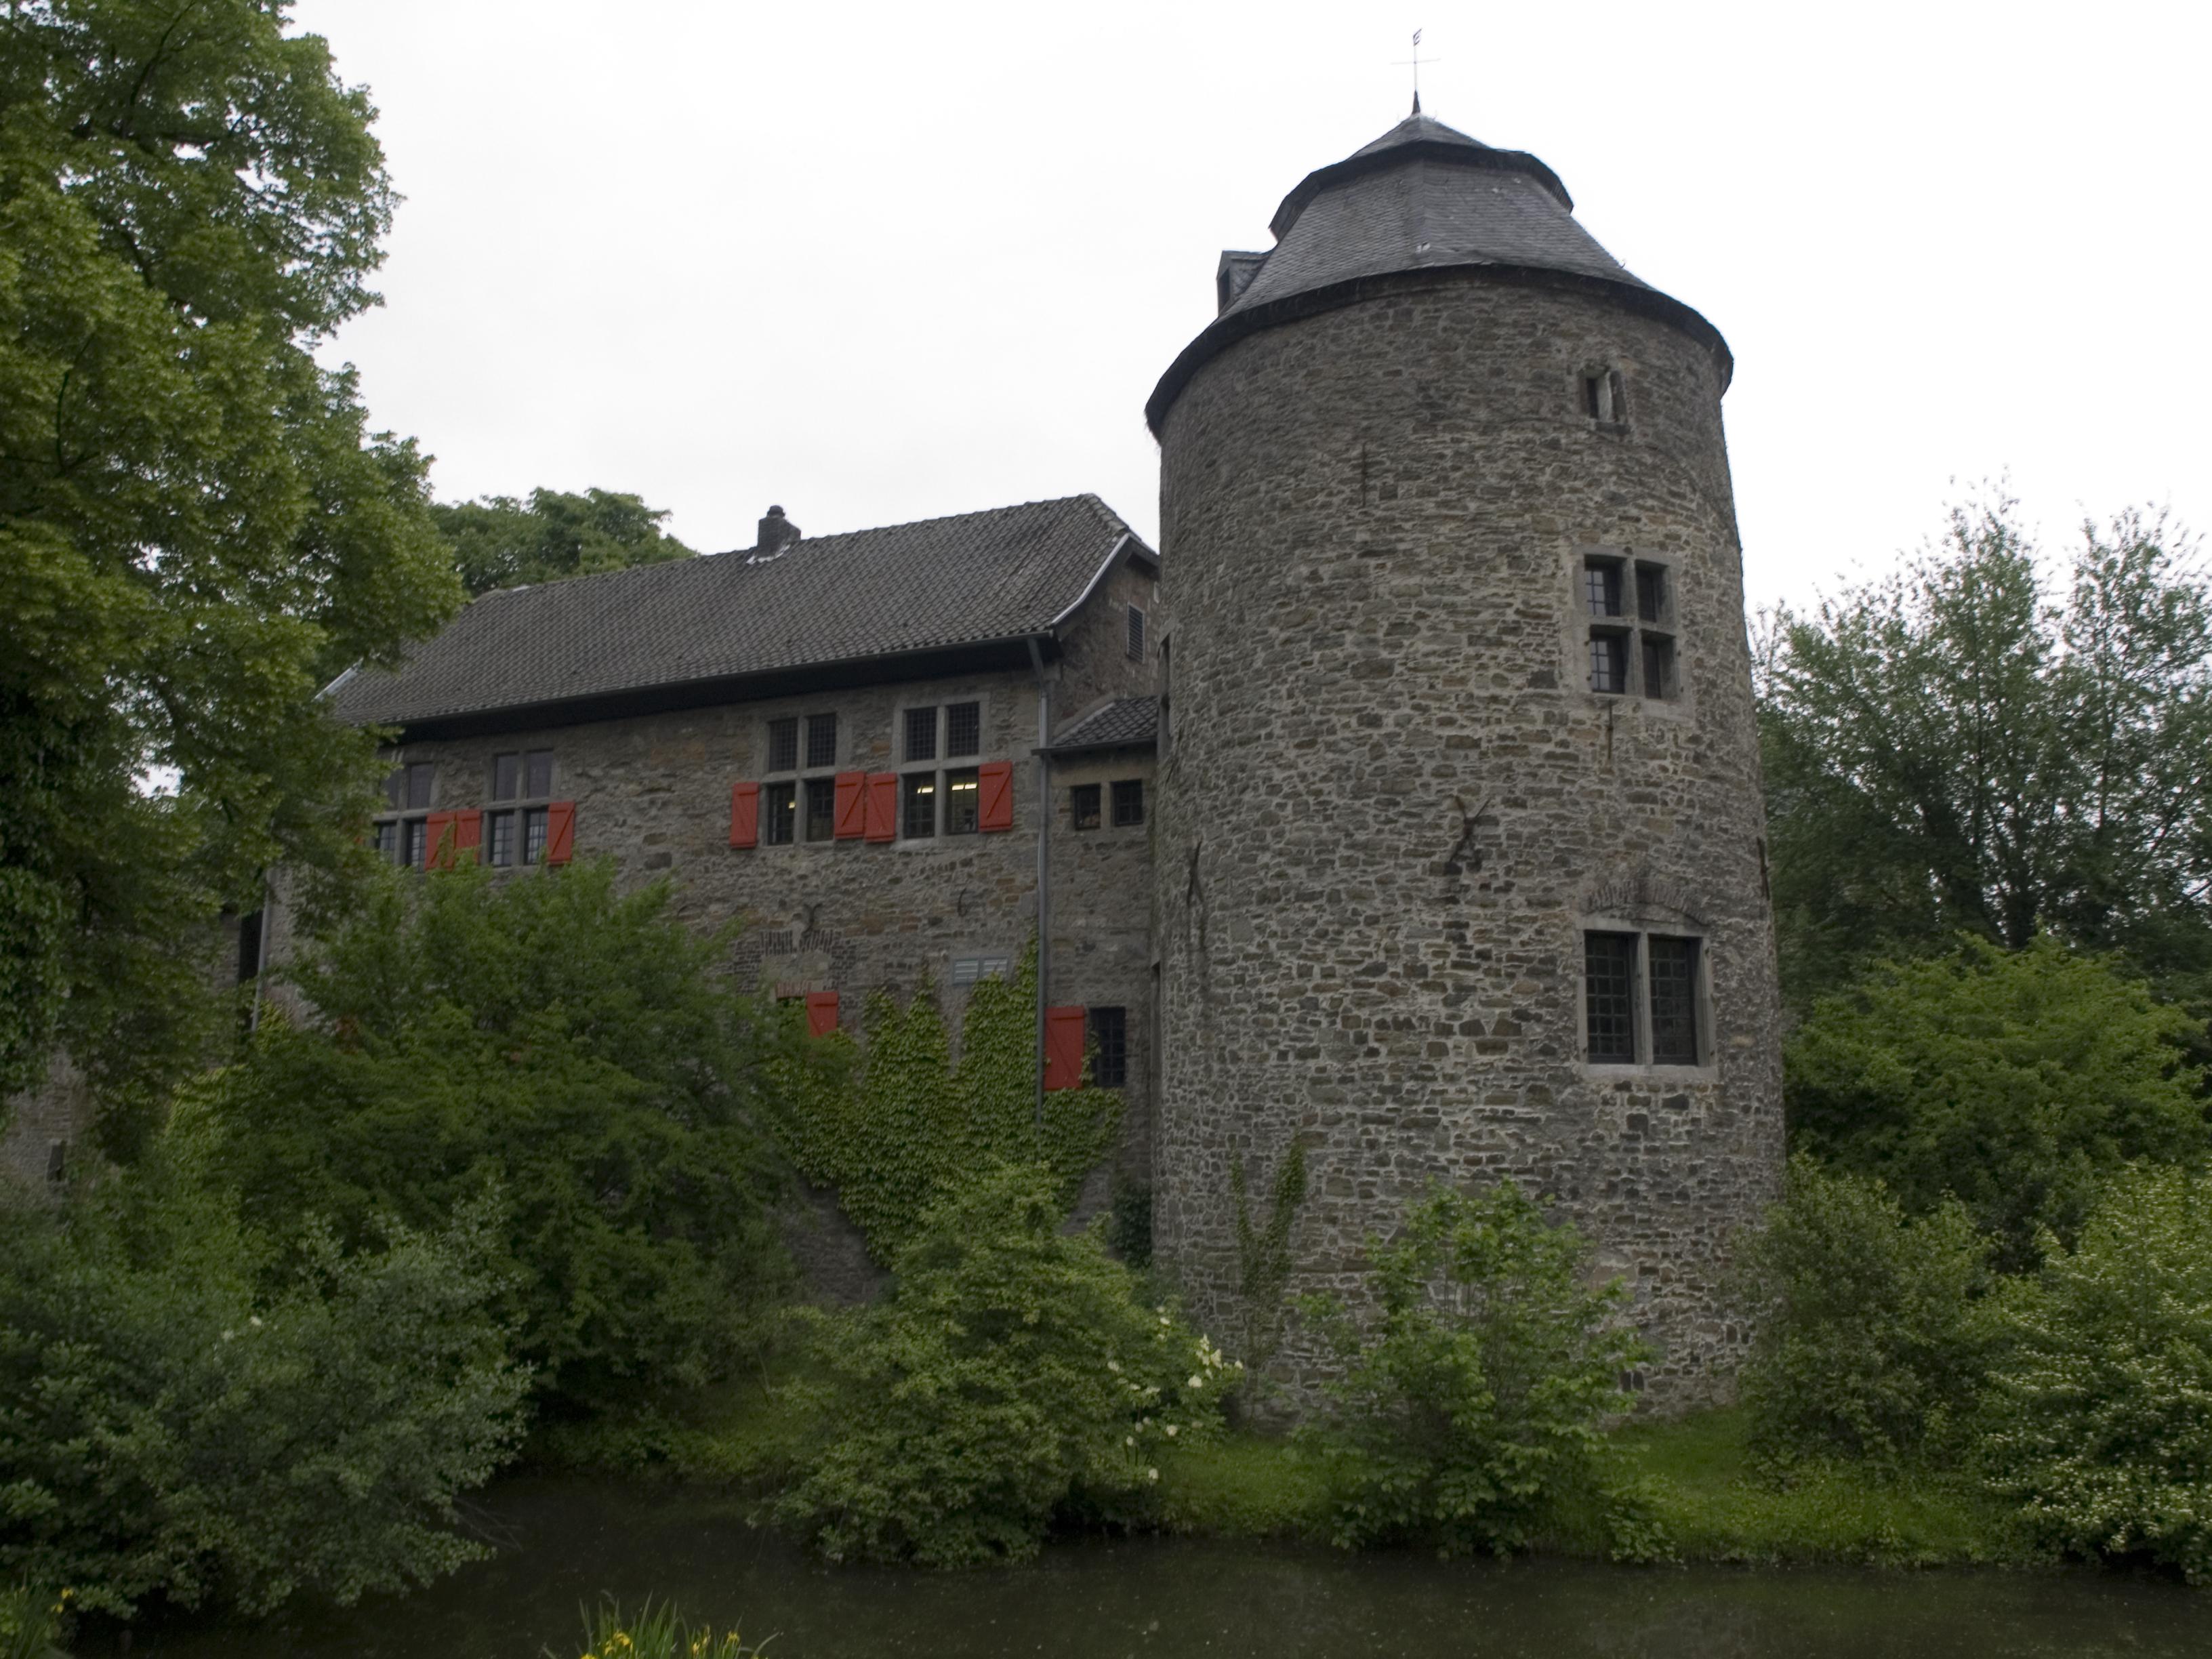 File NRW Ratingen Haus zum Haus 01 Wikimedia mons